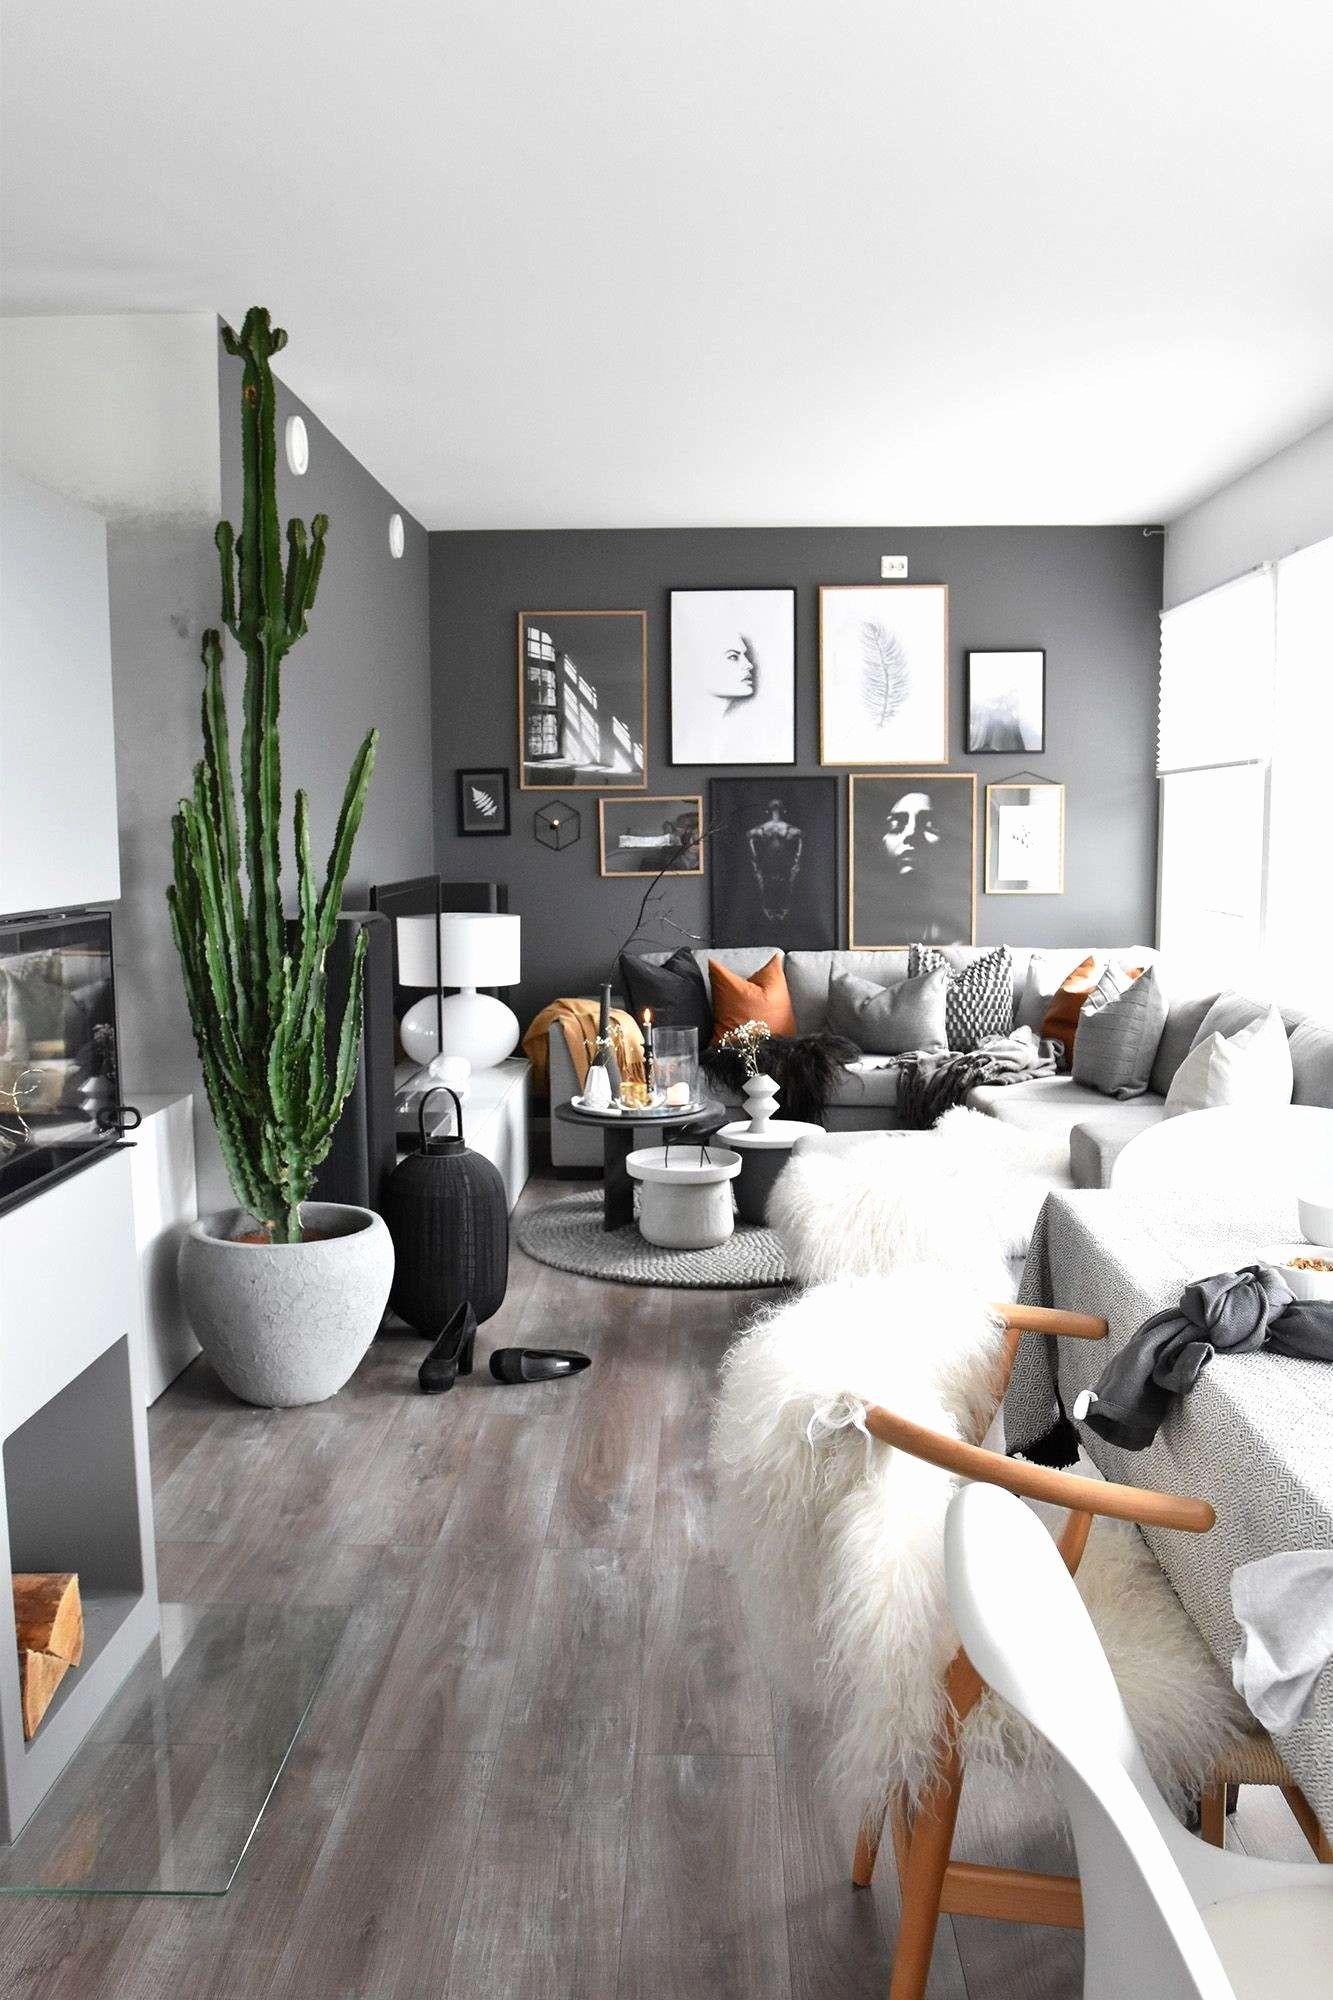 Kleines Schlafzimmer Einrichten Optimal | 1 Zimmer Wohnung # Einrichtungsideen #schlafzimmer